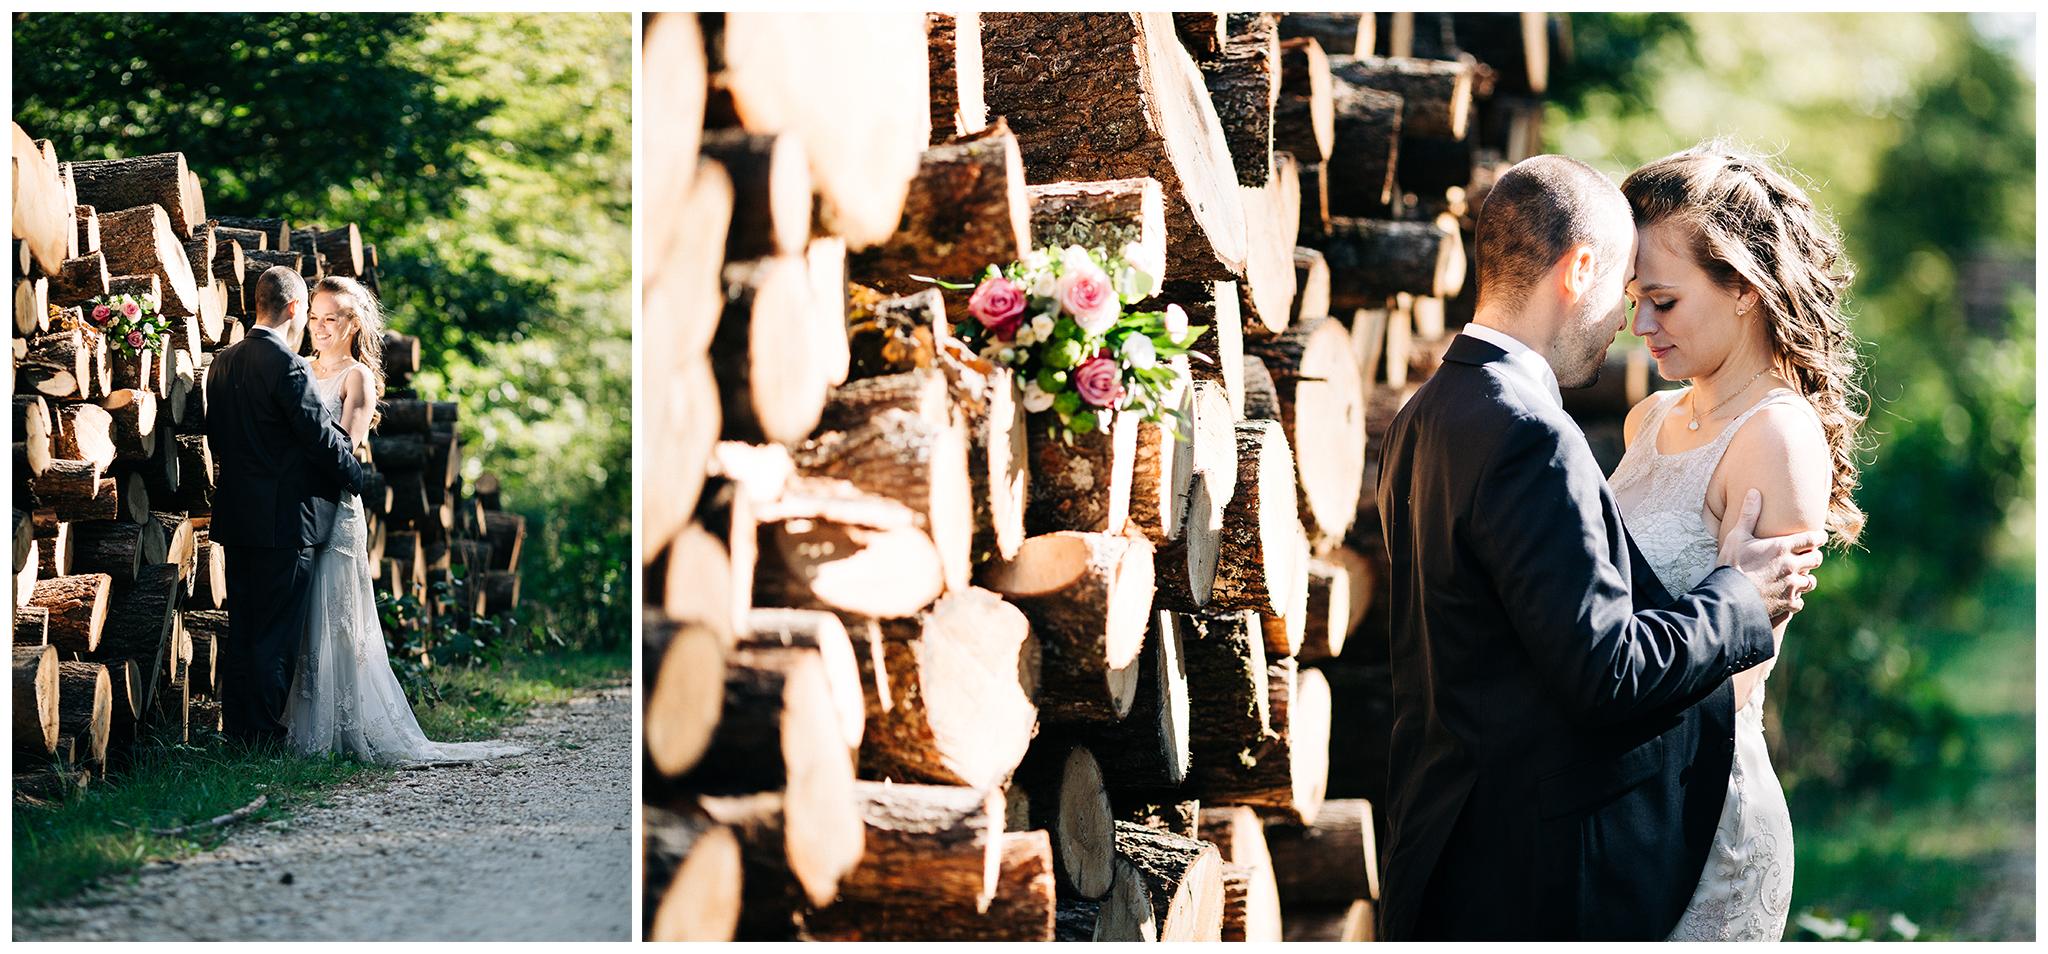 Esküvőfotós Vasmegye, Esküvő fotózás, Esküvői fotós, Körmend,Őrség, Balaton, Vas megye, Dunántúl, Budapest, Fülöp Péter, Jegyes fotózás, jegyes, Balaton, kreatívfotózás,Wien,Ausztira,Österreich,hochzeitsfotograf_ZSB_11.jpg